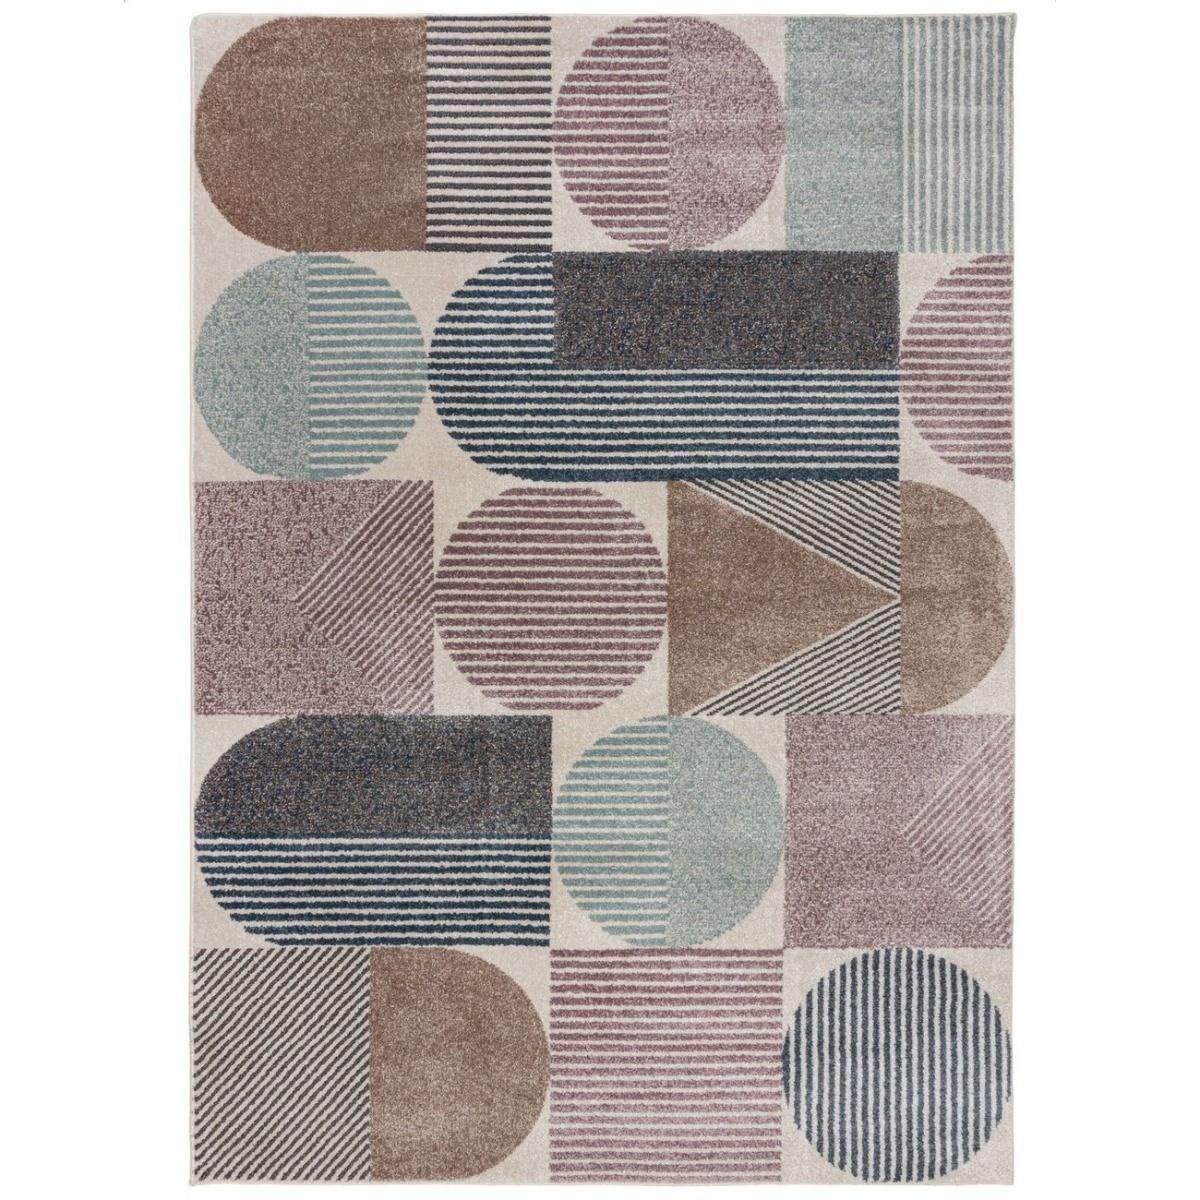 Tapis de salon en Polypropylène Multicolore 160x230 cm